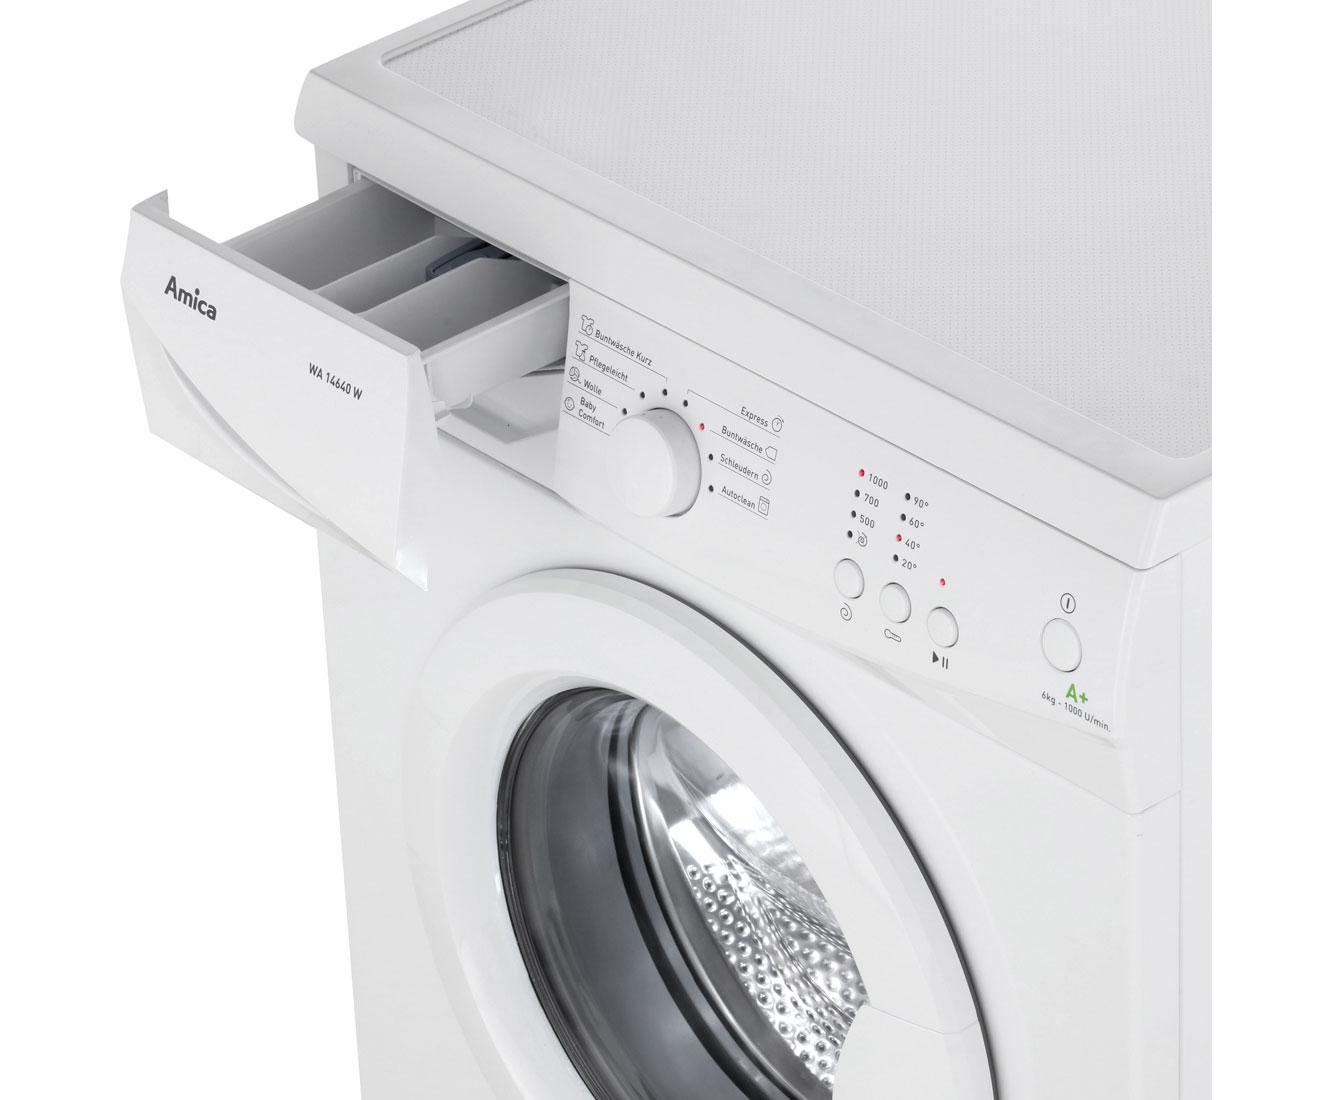 amica wa 14640 waschmaschine freistehend weiss neu ebay. Black Bedroom Furniture Sets. Home Design Ideas